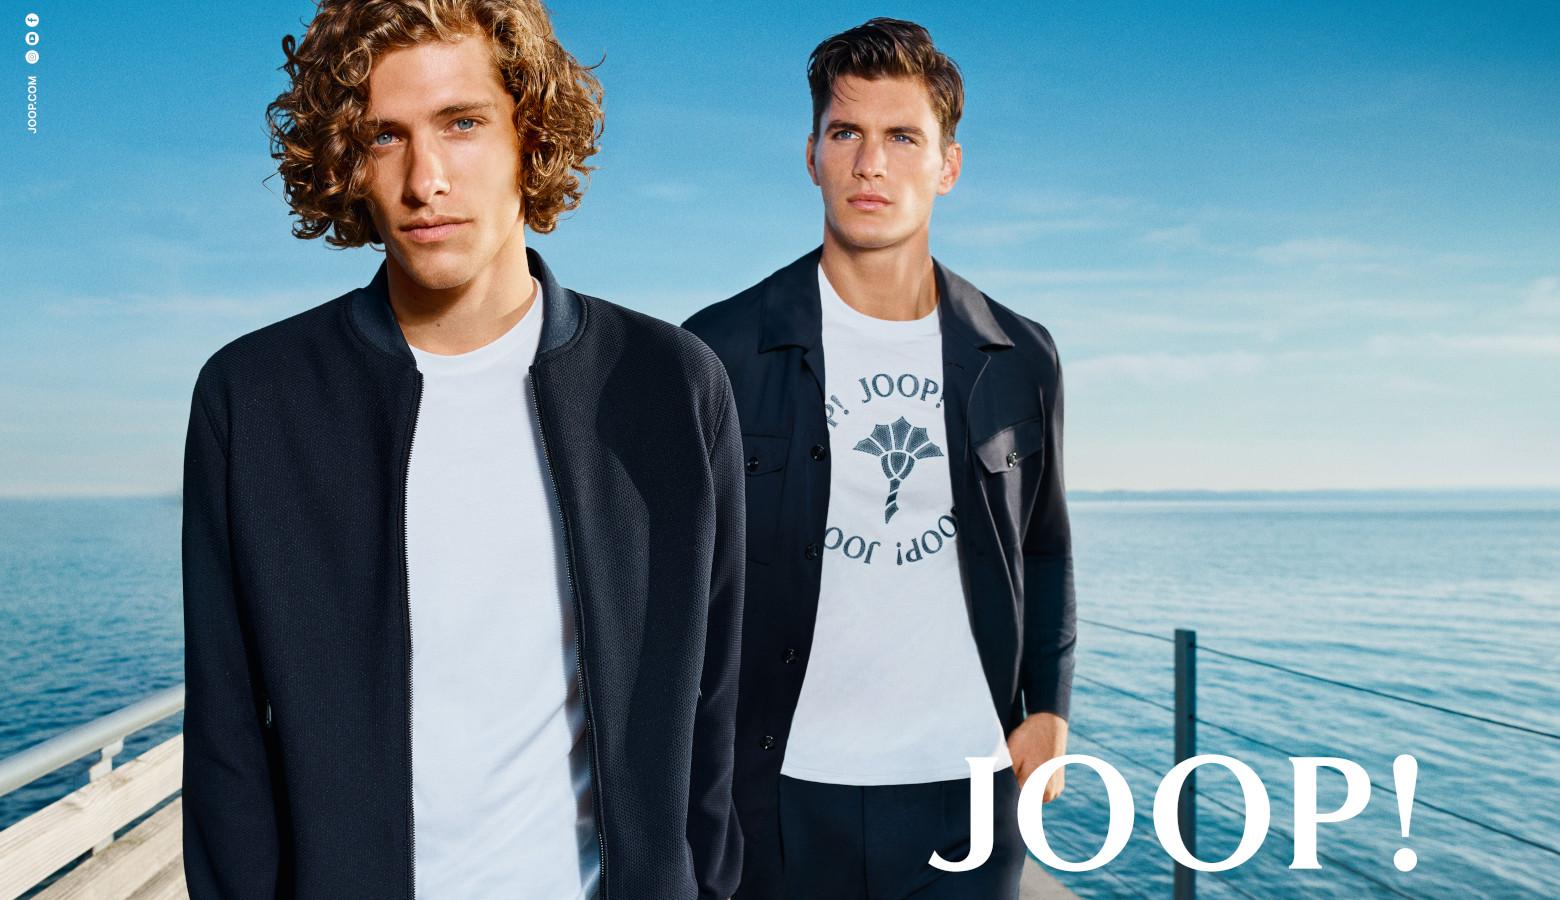 Modern-Men_Joop_Modehaus-Mayer-Götzis